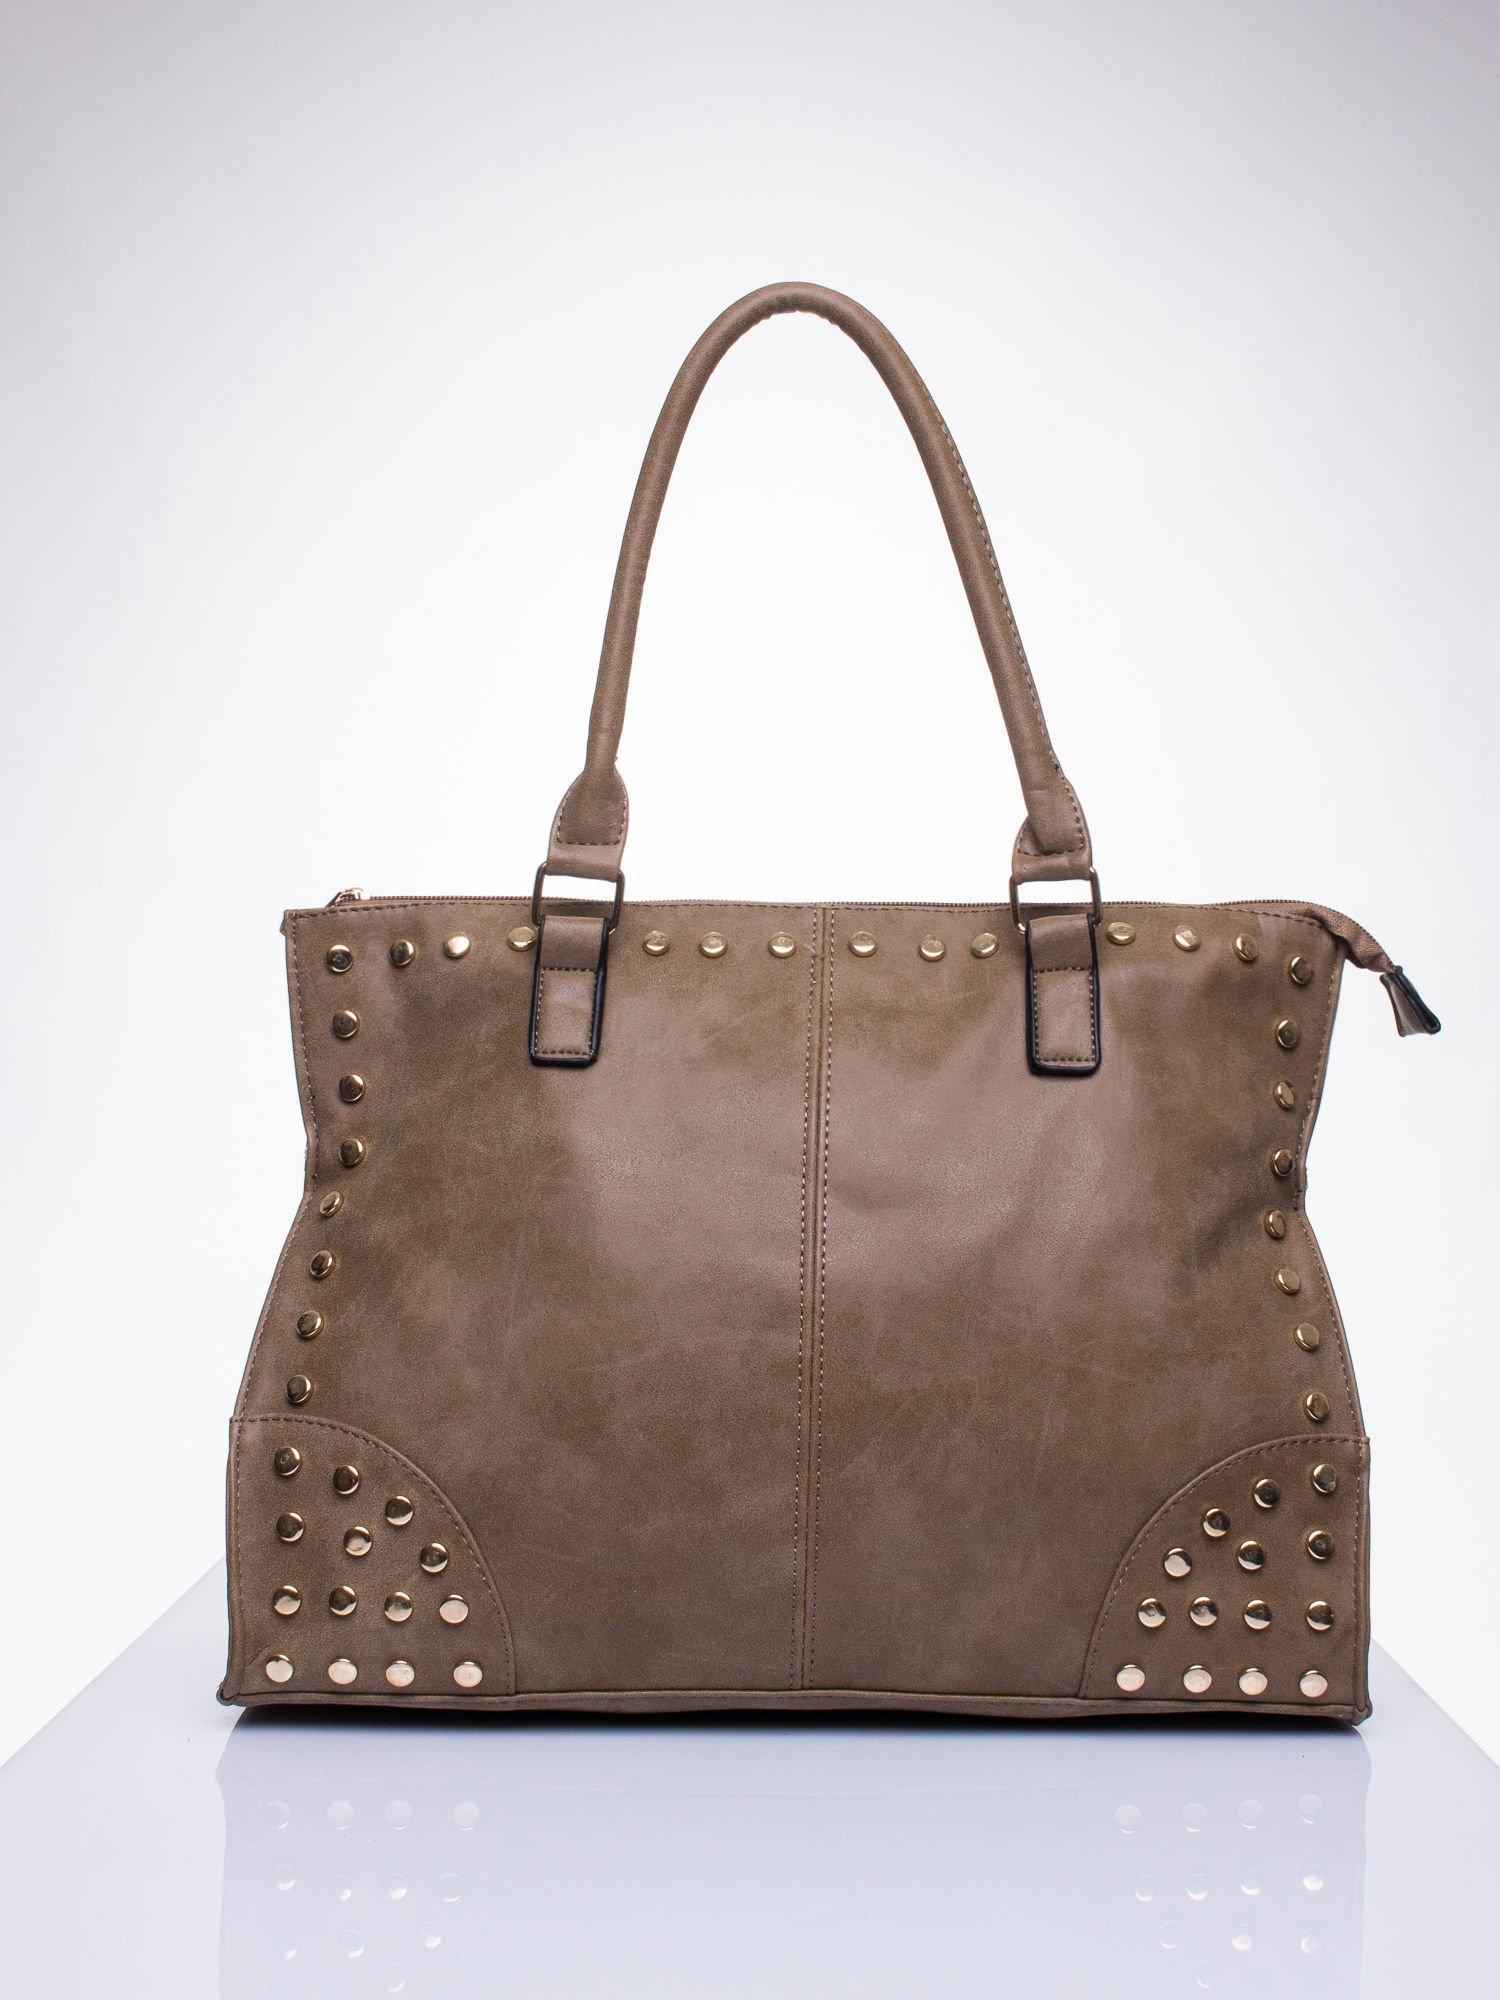 cbad6ee6f1bc9 Beżowa torba shopper bag ze złotymi ćwiekami - Akcesoria torba - sklep  eButik.pl